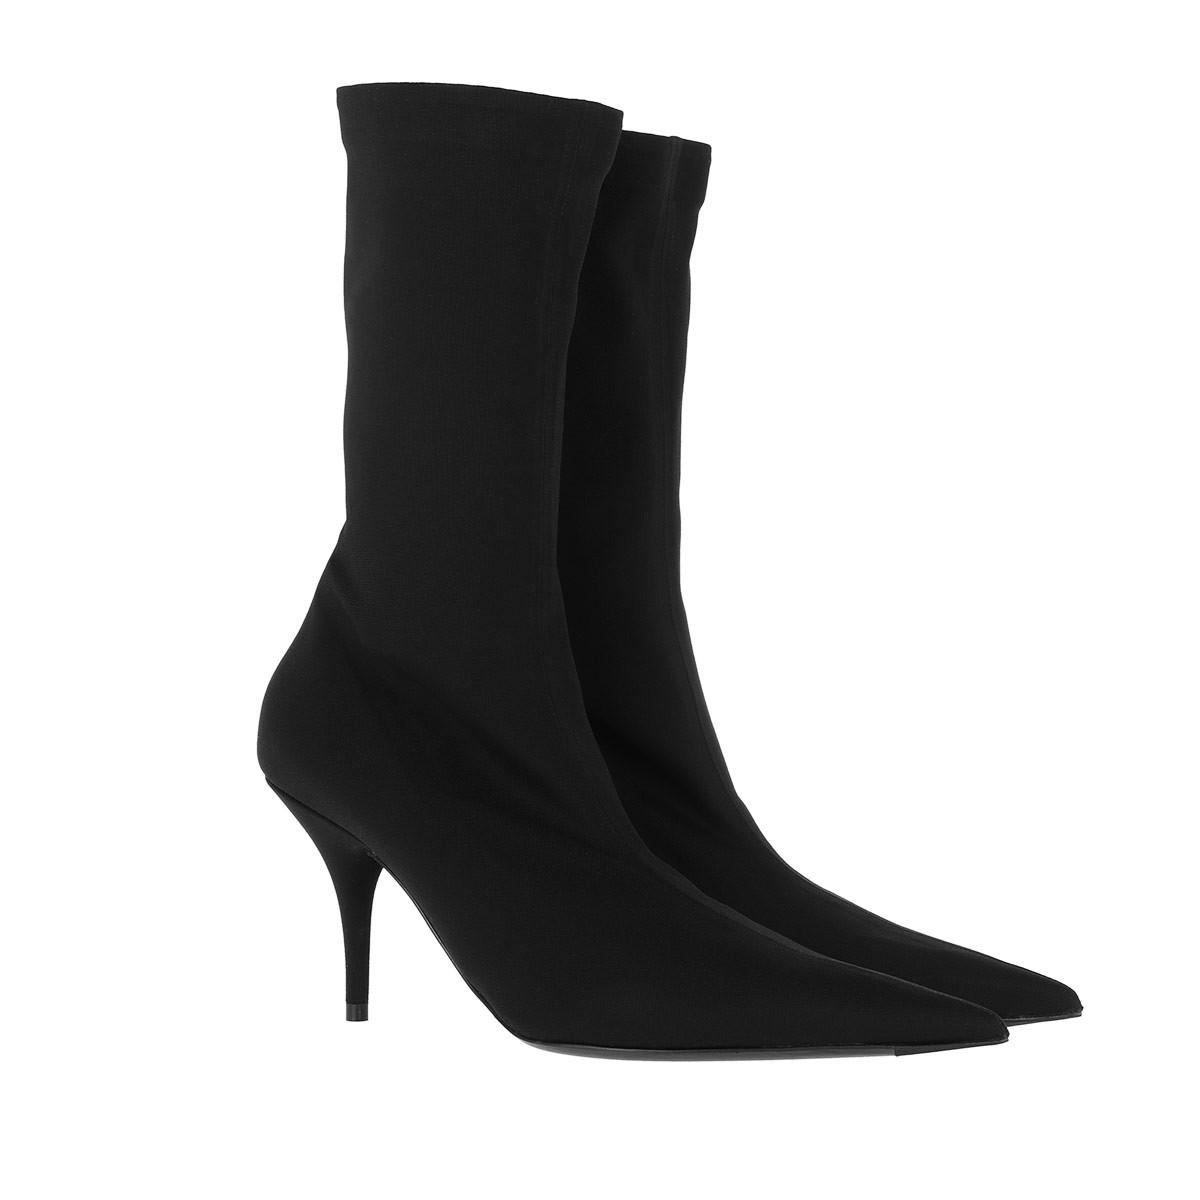 Balenciaga Boots - Jersey Crepe Ankle Boots Black - in schwarz - für Damen